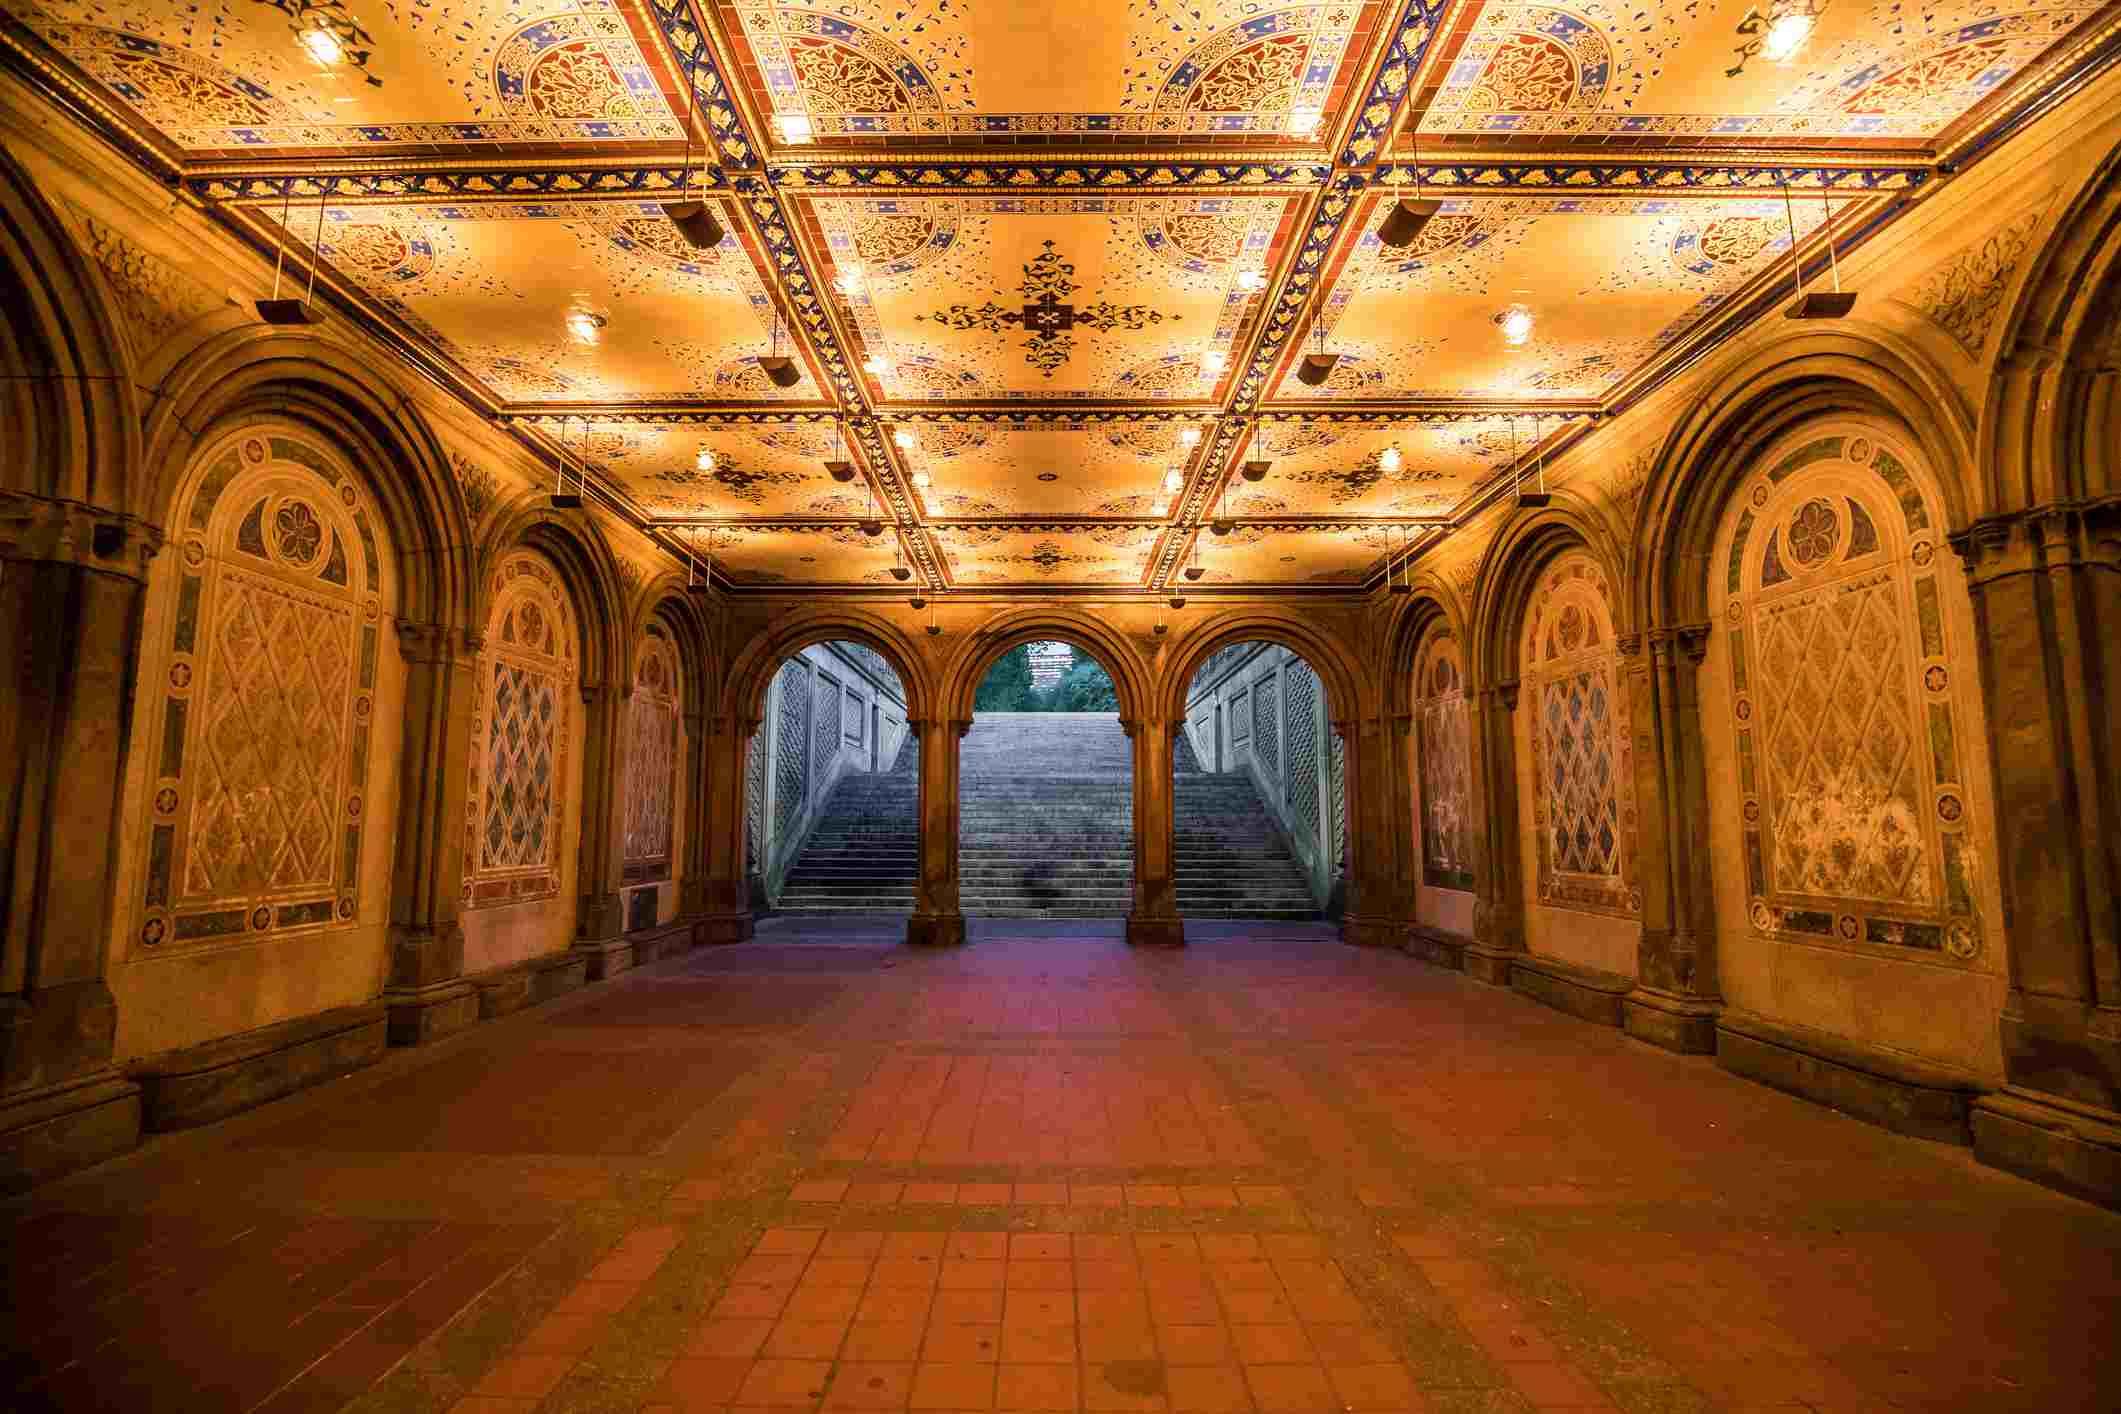 Minton Tiles en Bethesda Arcade en Central Park, Nueva York